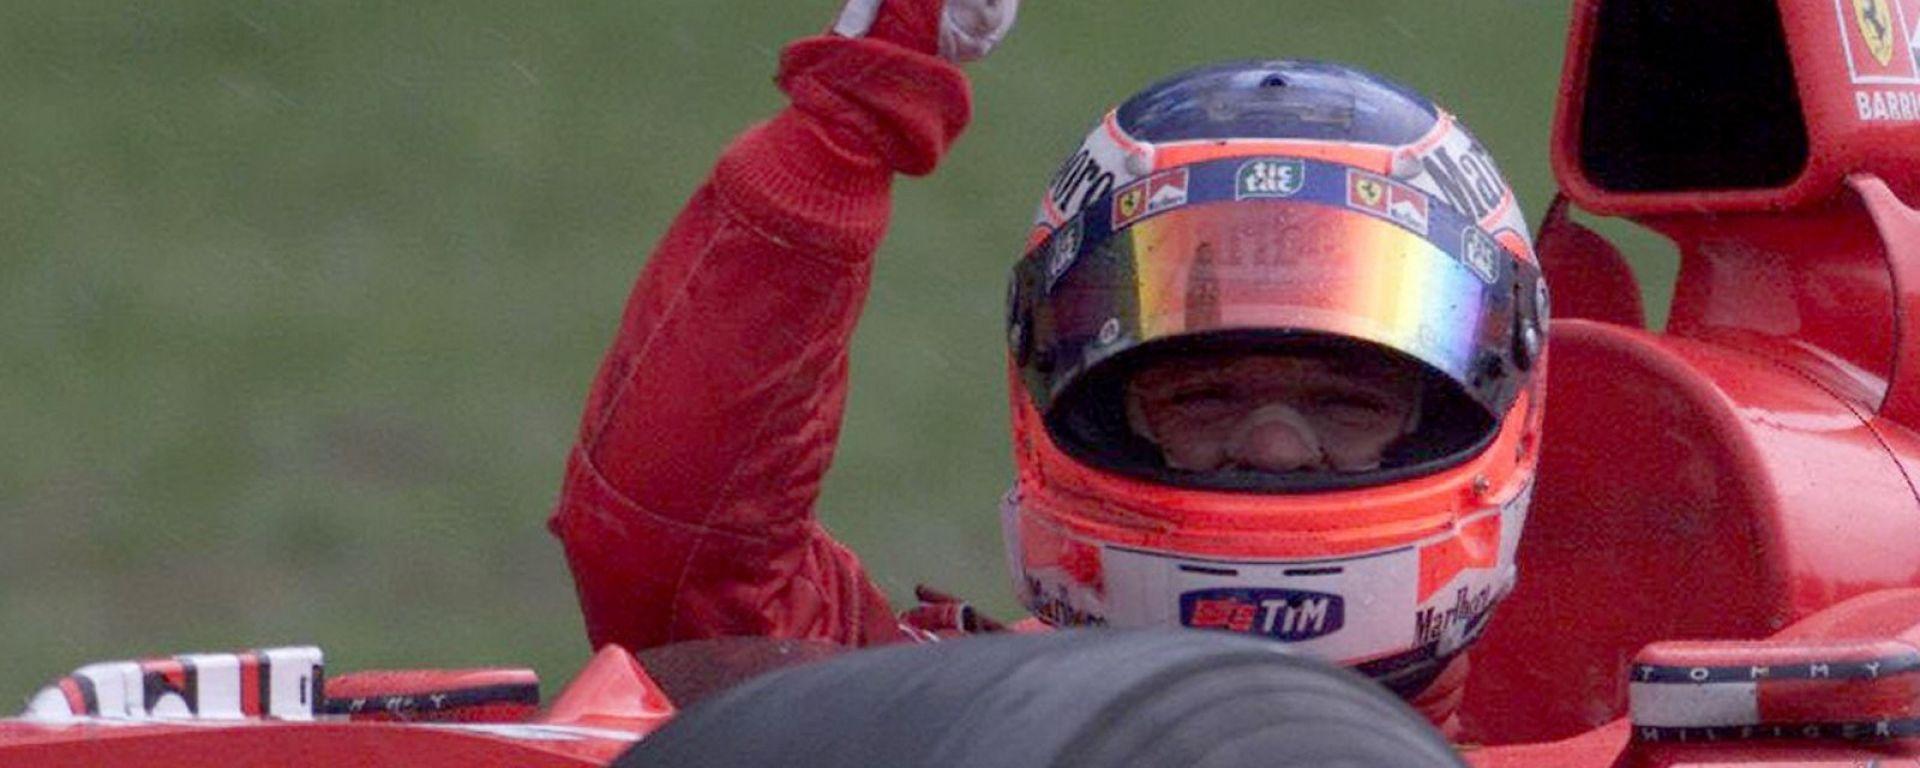 Rubens Barrichello ai tempi della Ferrari